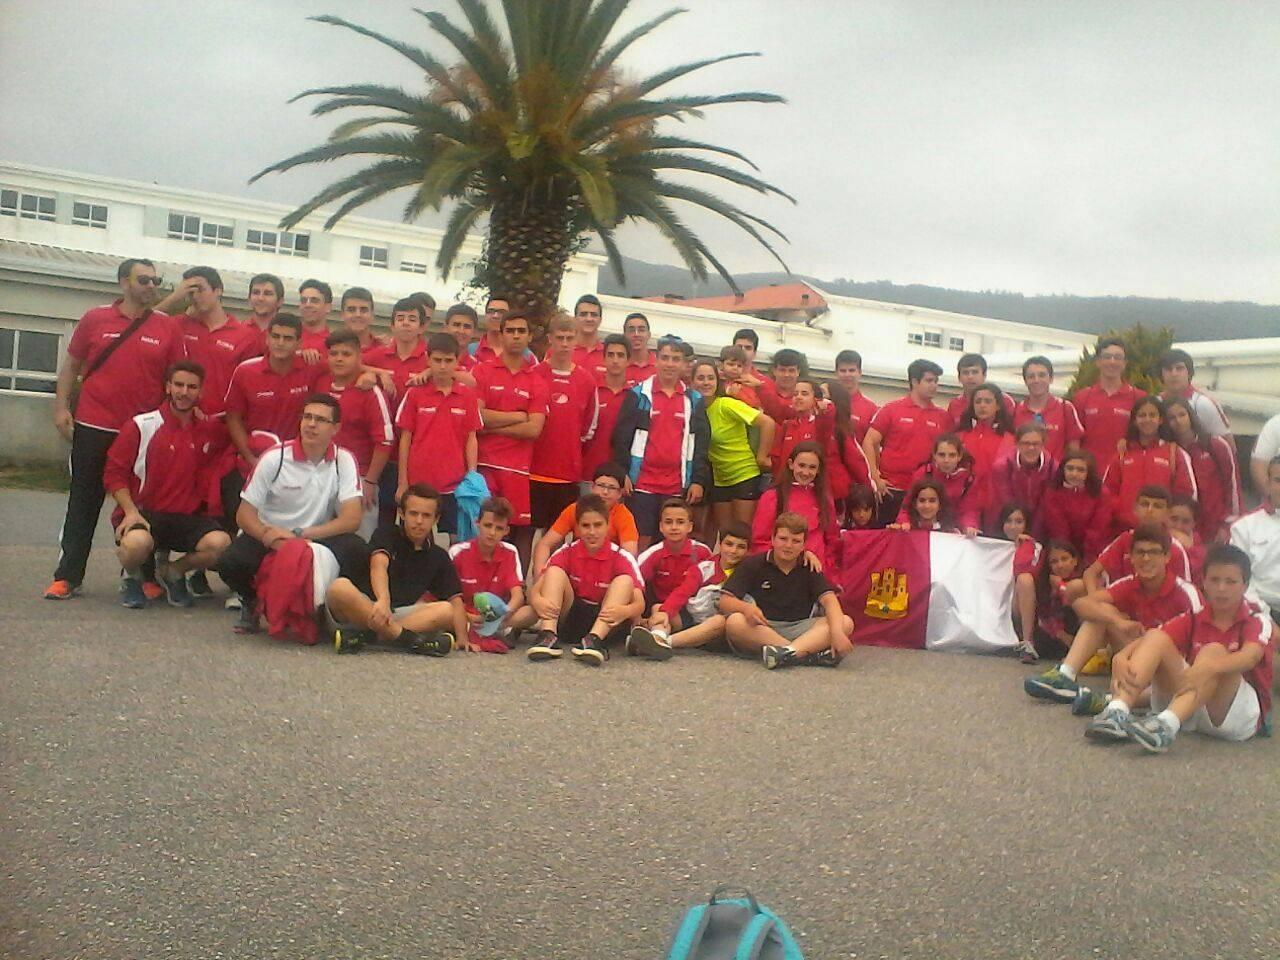 equipos de balonmano de Herencia en la Captain Nemos Cup - Equipos de balonmano de Herencia en la Captain Nemo's Cup